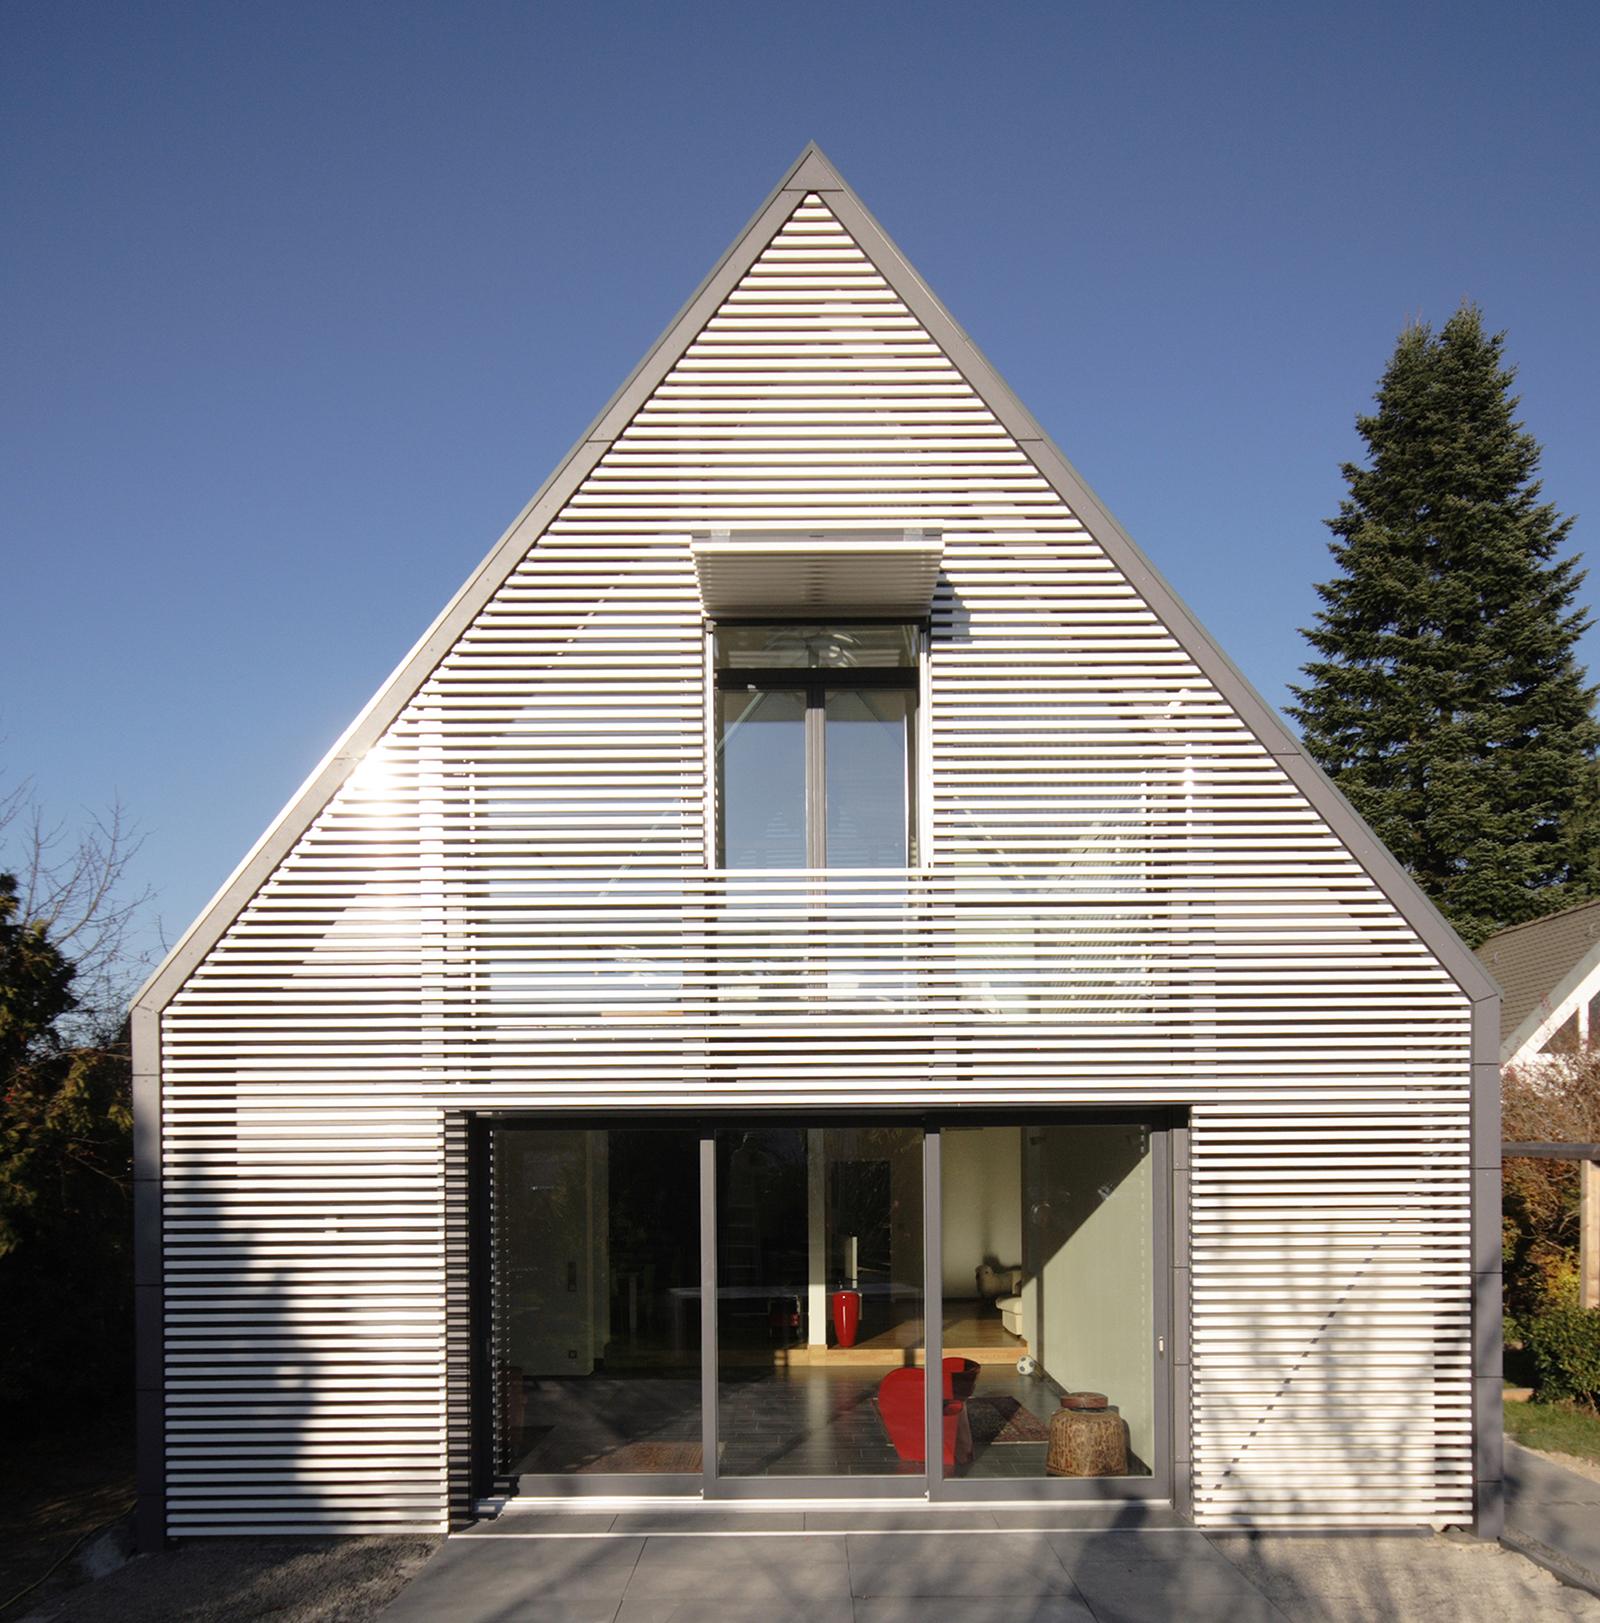 wohnhaus mit wandelbarer screenfassade muenchenarchitektur. Black Bedroom Furniture Sets. Home Design Ideas